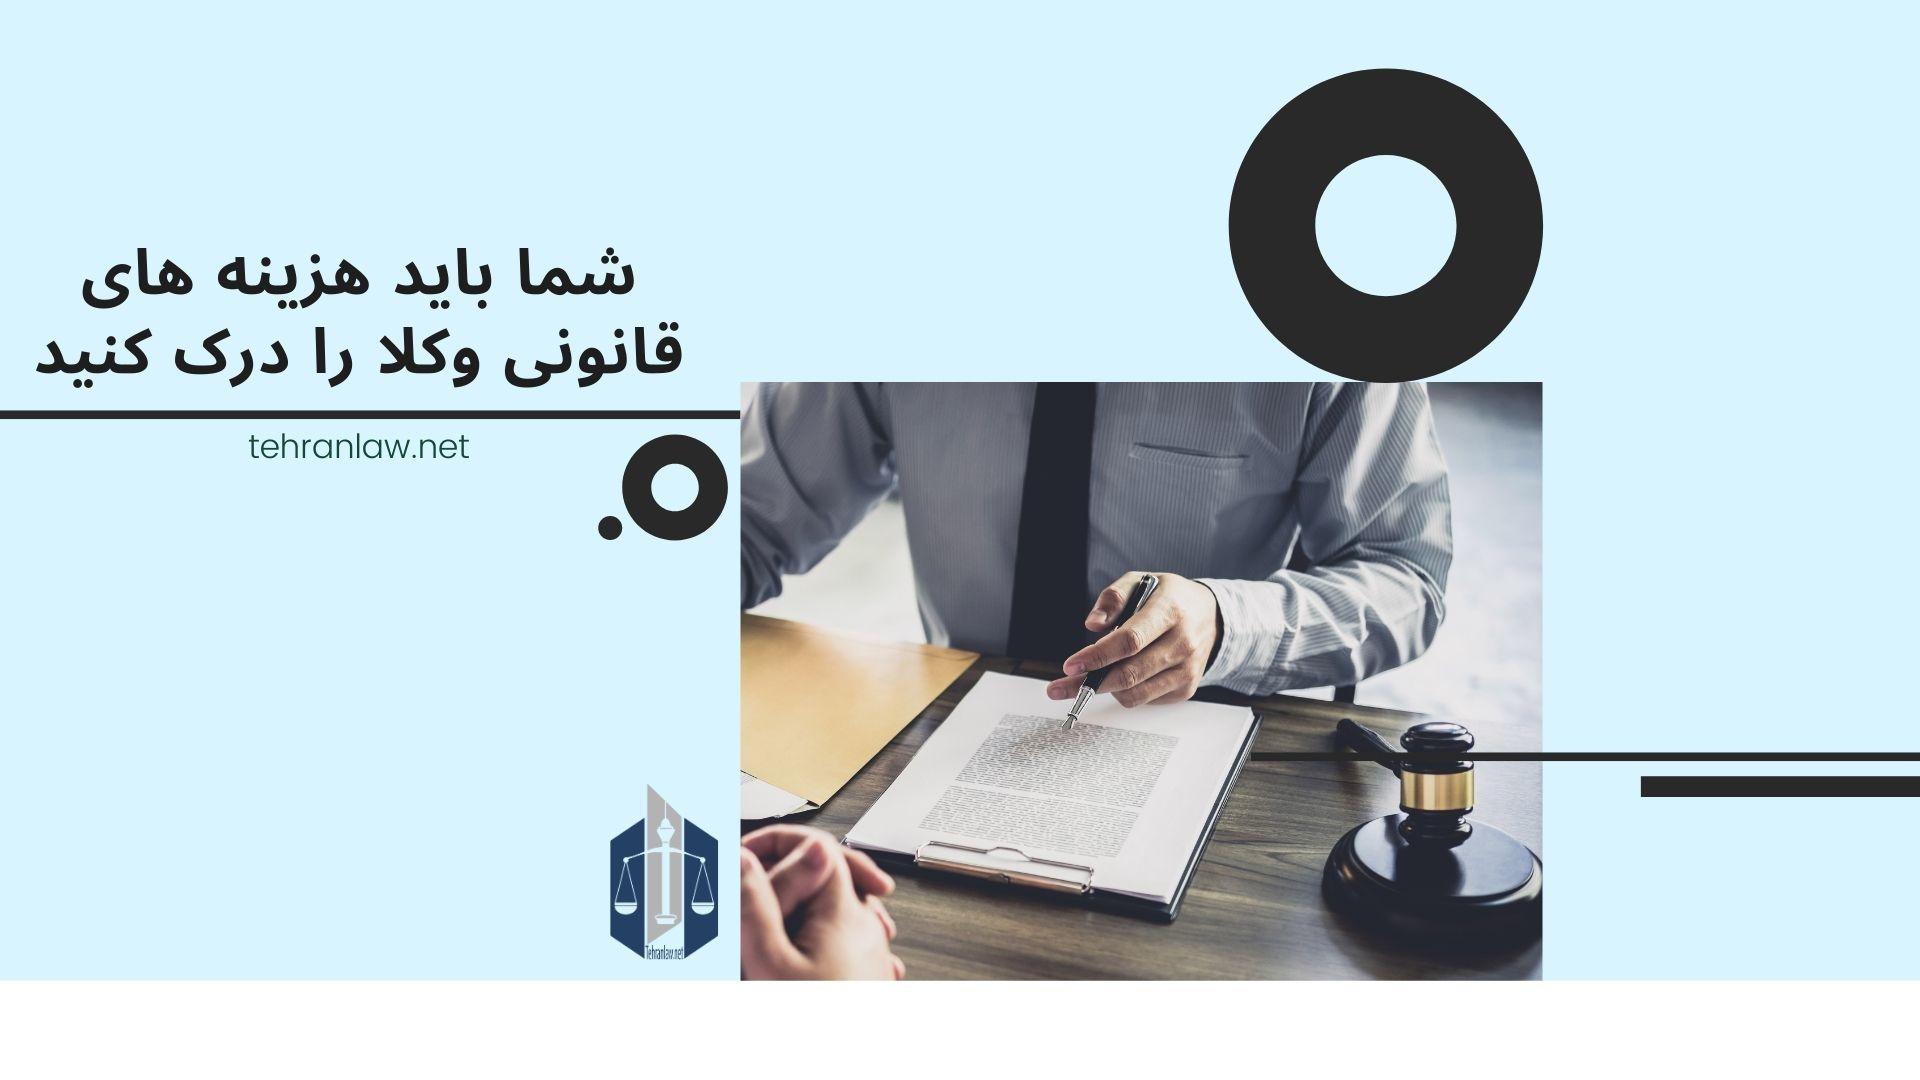 شما باید هزینه های قانونی وکلا را درک کنید